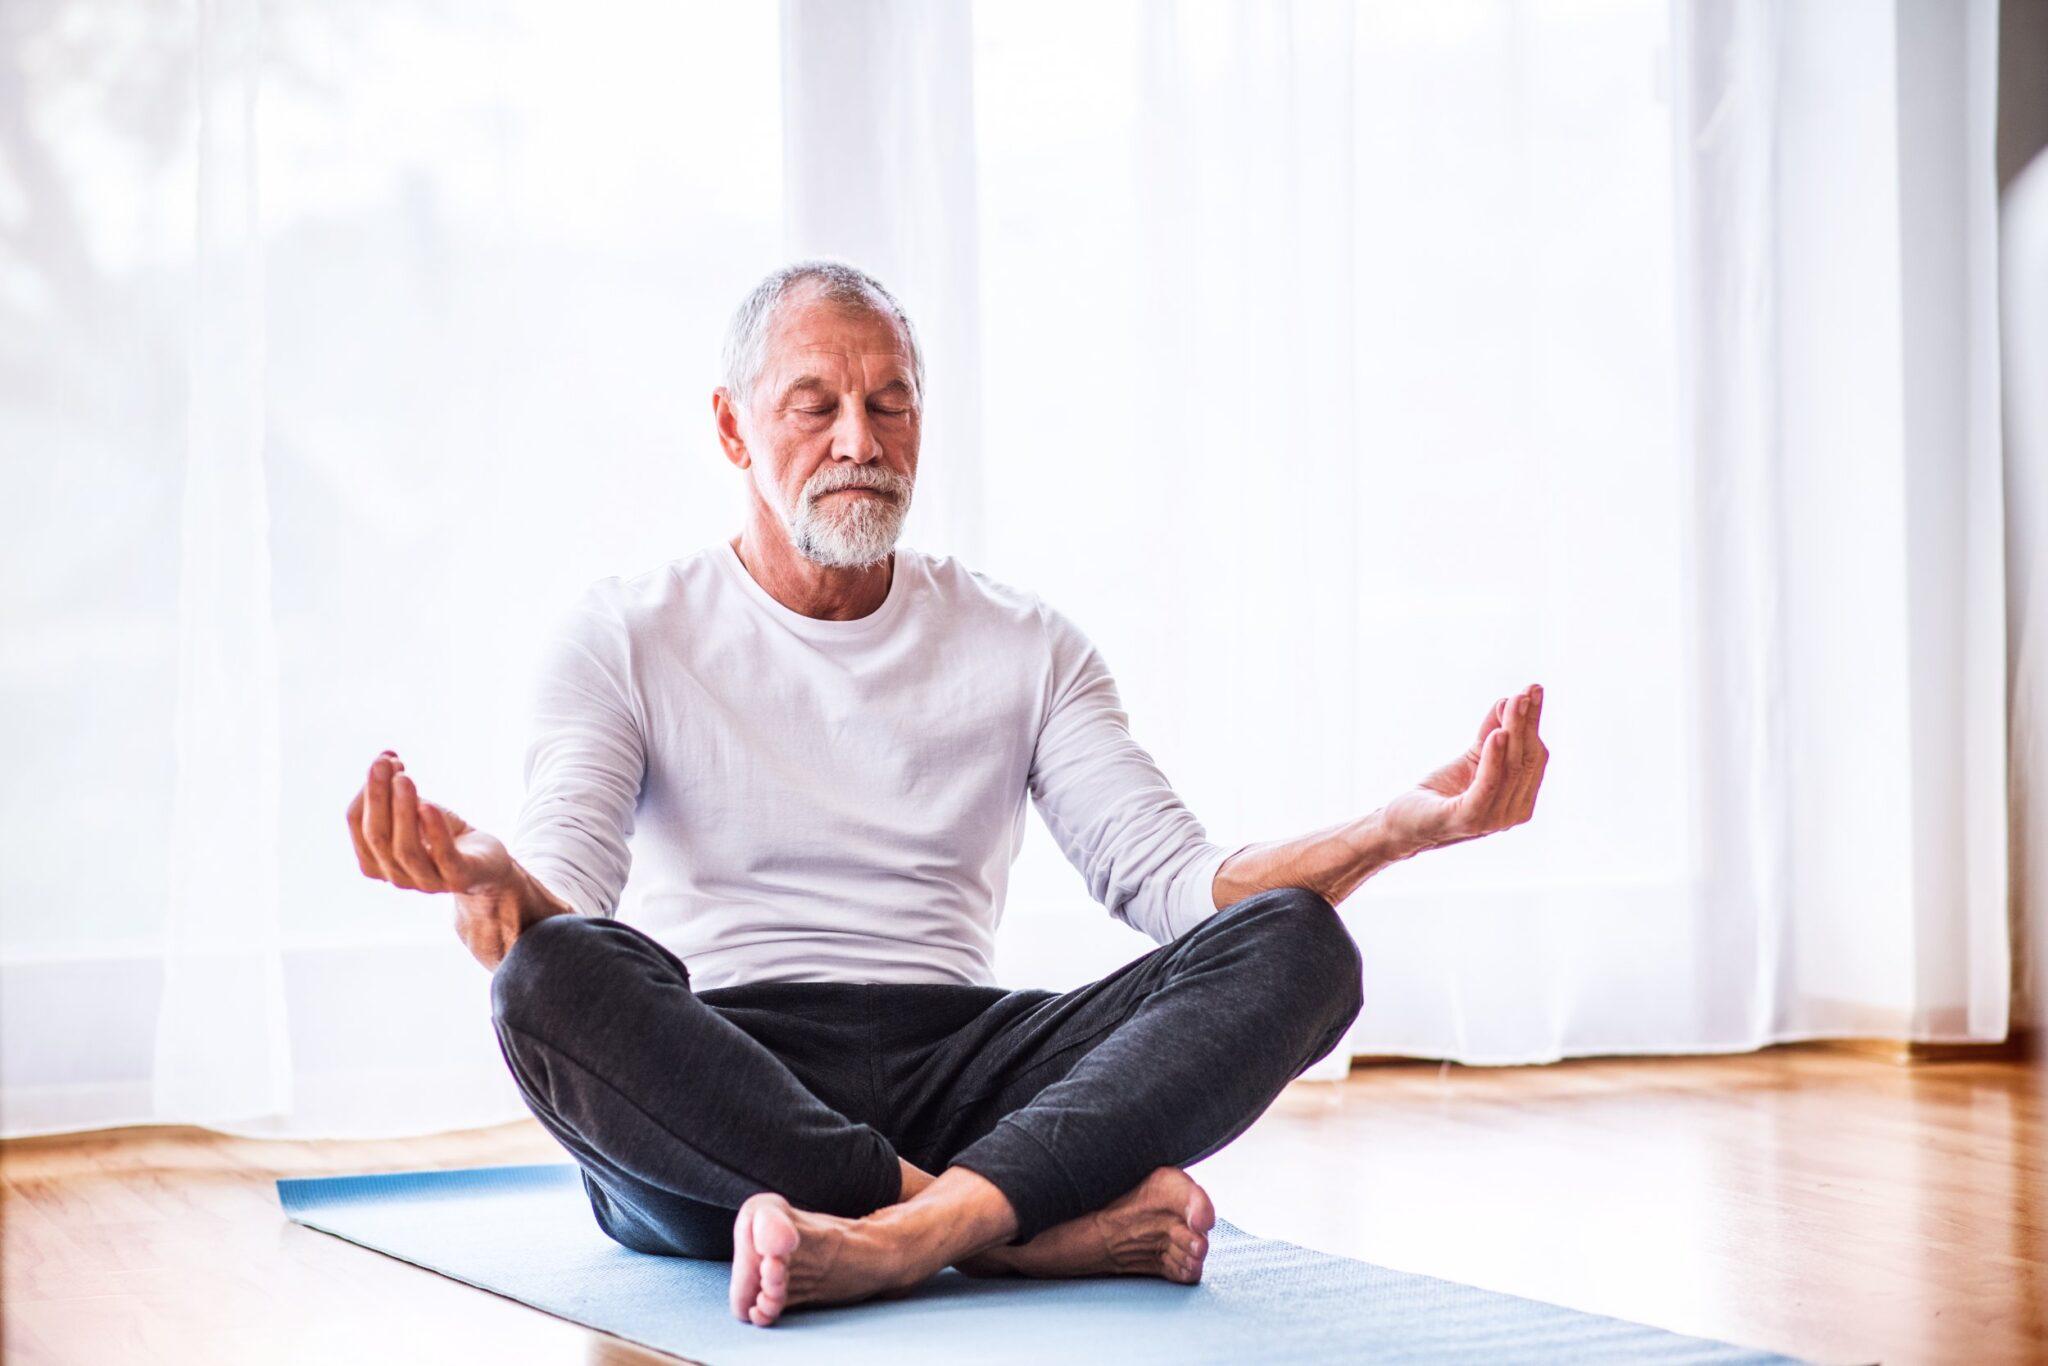 """""""Szeretnék meggyógyulni a szív- és vérnyomásbetegségemből, a mániás depressziómból""""- Orvos válaszol"""